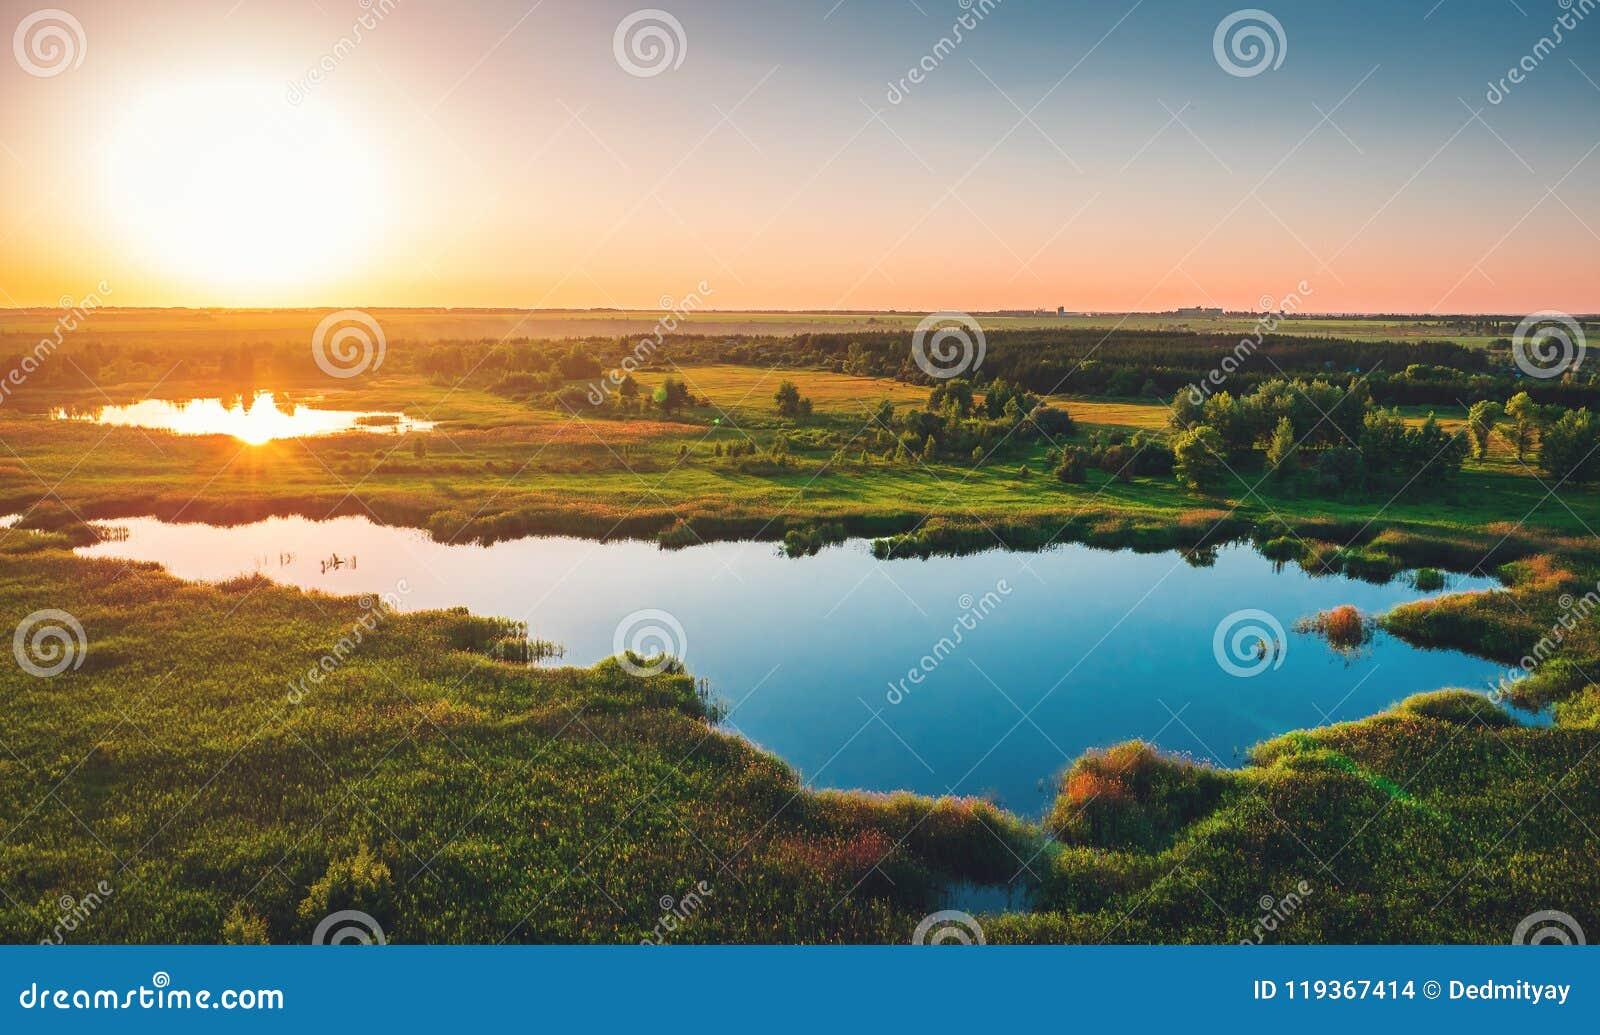 Widok z lotu ptaka nad lata jezioro przy zmierzchem i las, piękna natura krajobrazu panorama